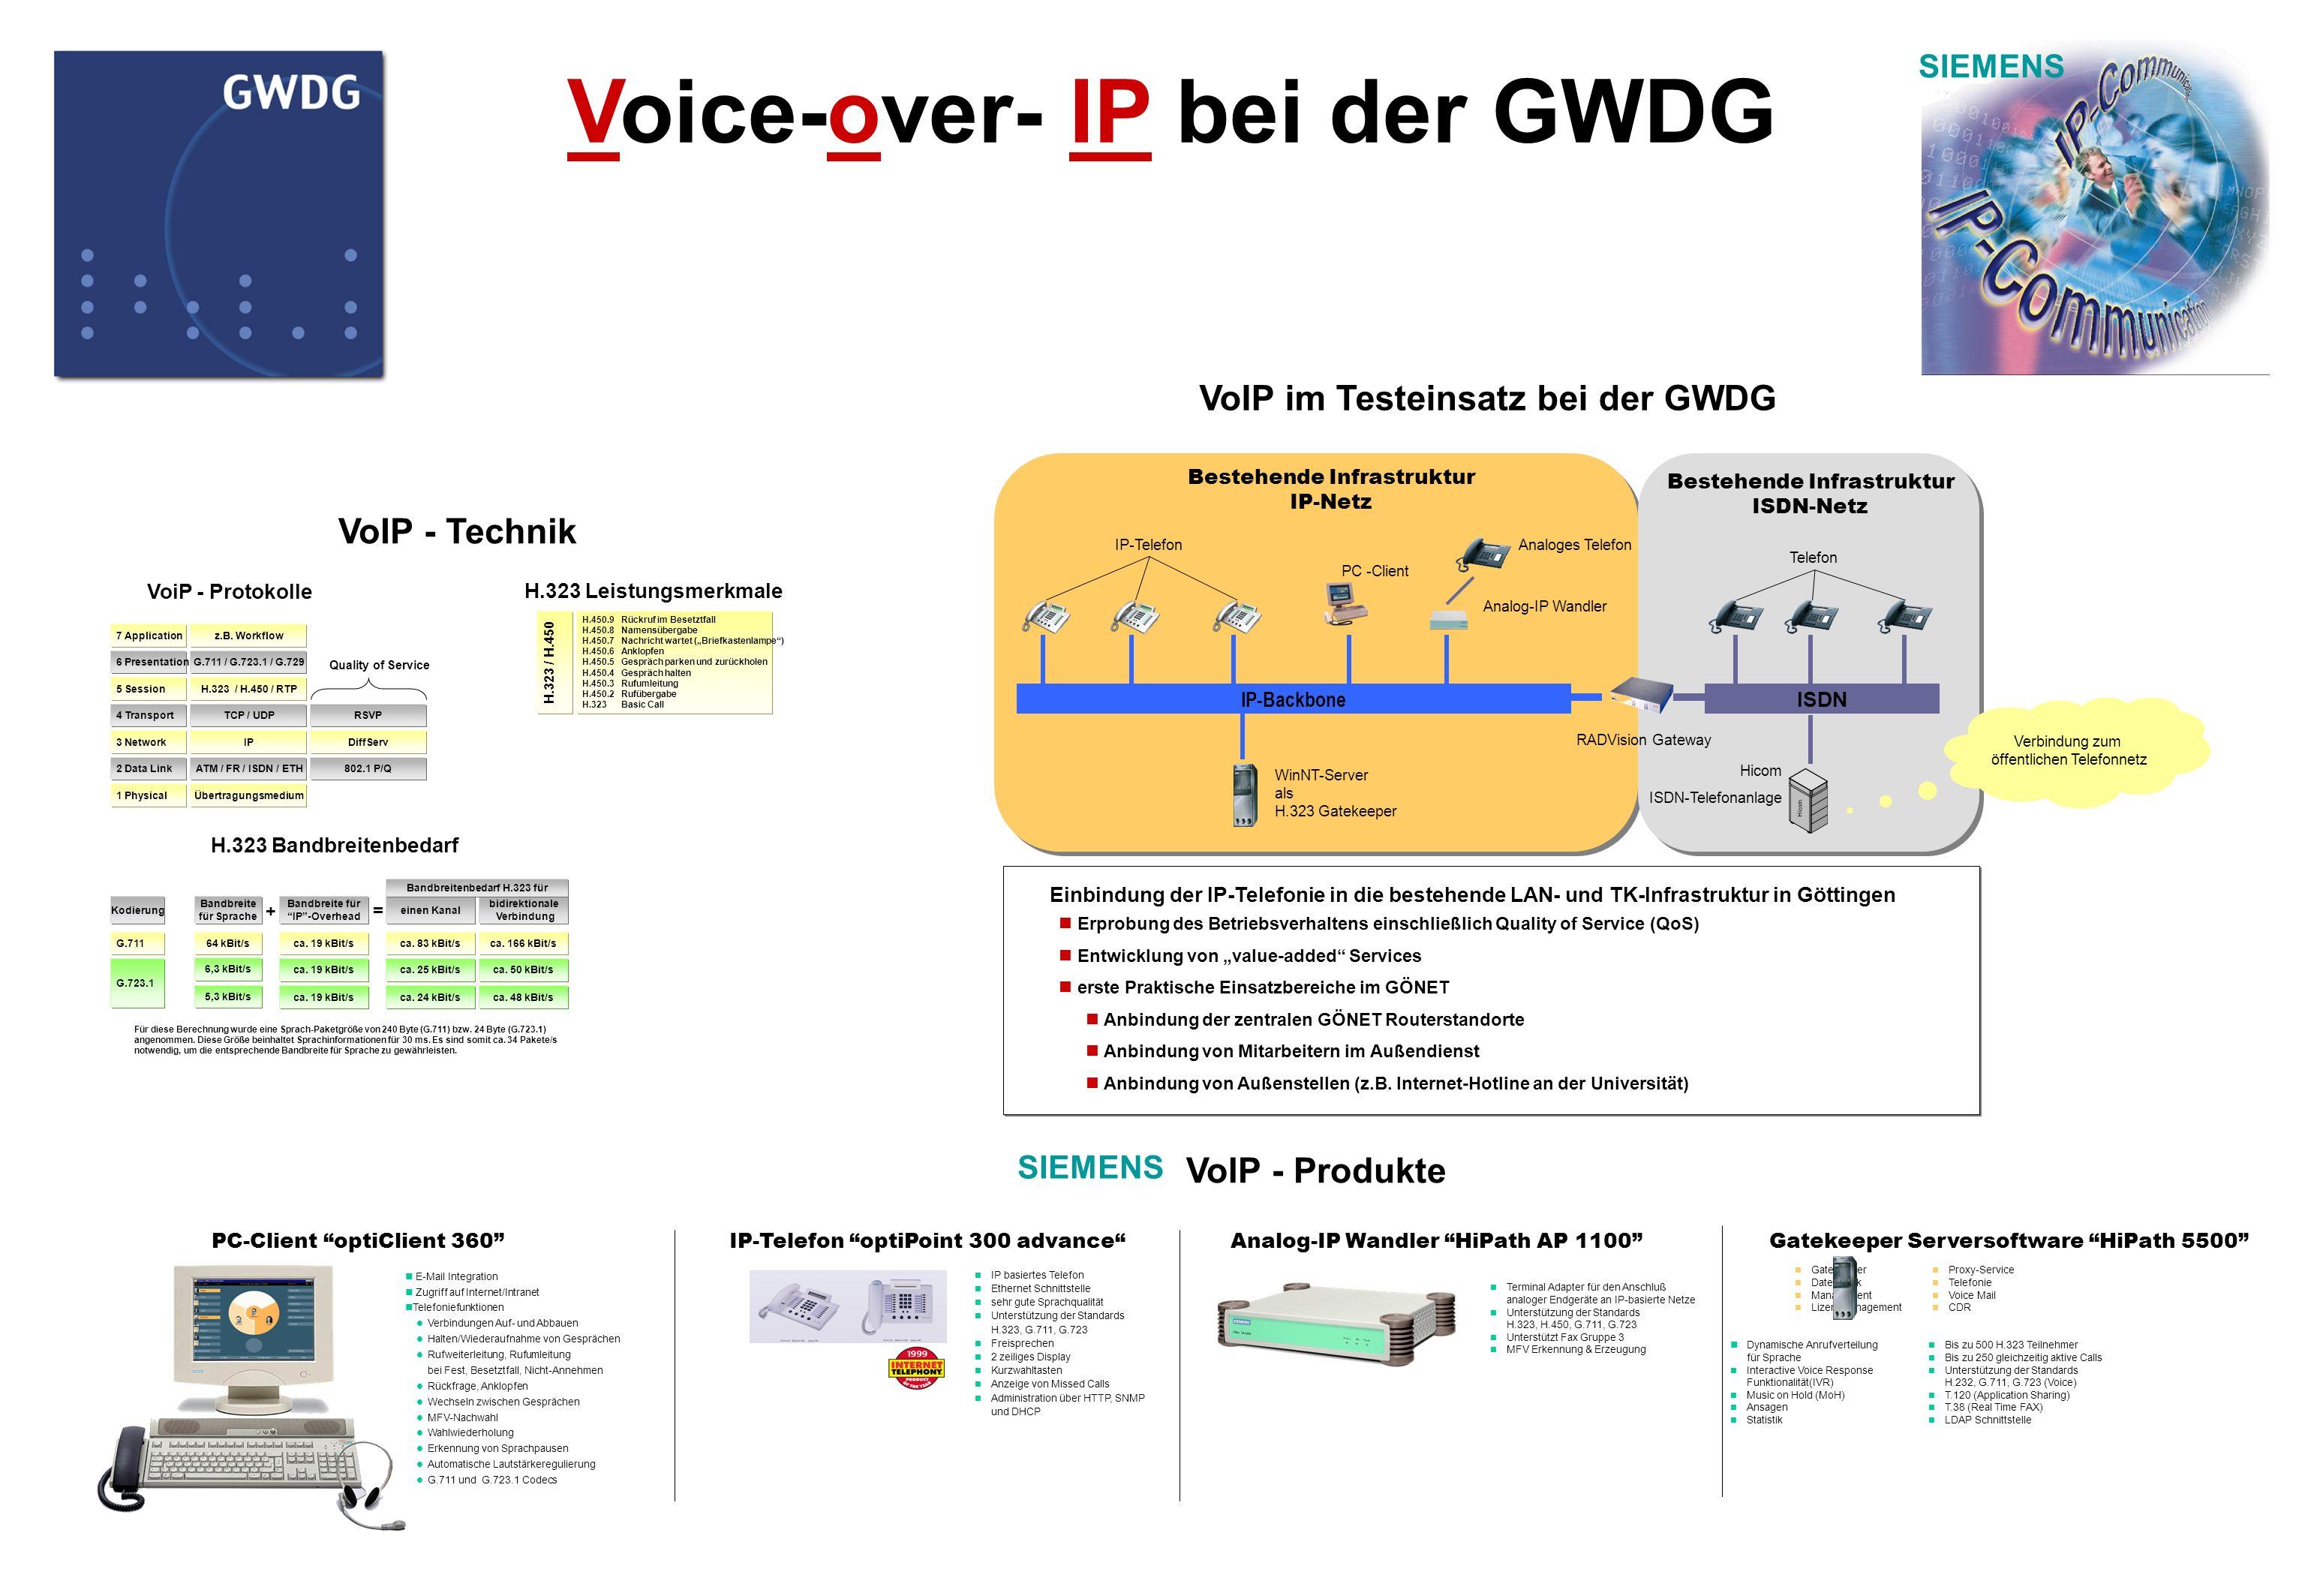 Voice-over- IP bei der GWDG H.323 Bandbreitenbedarf G.711 G.723.1 Kodierung 64 kBit/s 6,3 kBit/s Bandbreite für Sprache 5,3 kBit/s Bandbreite für IP-O